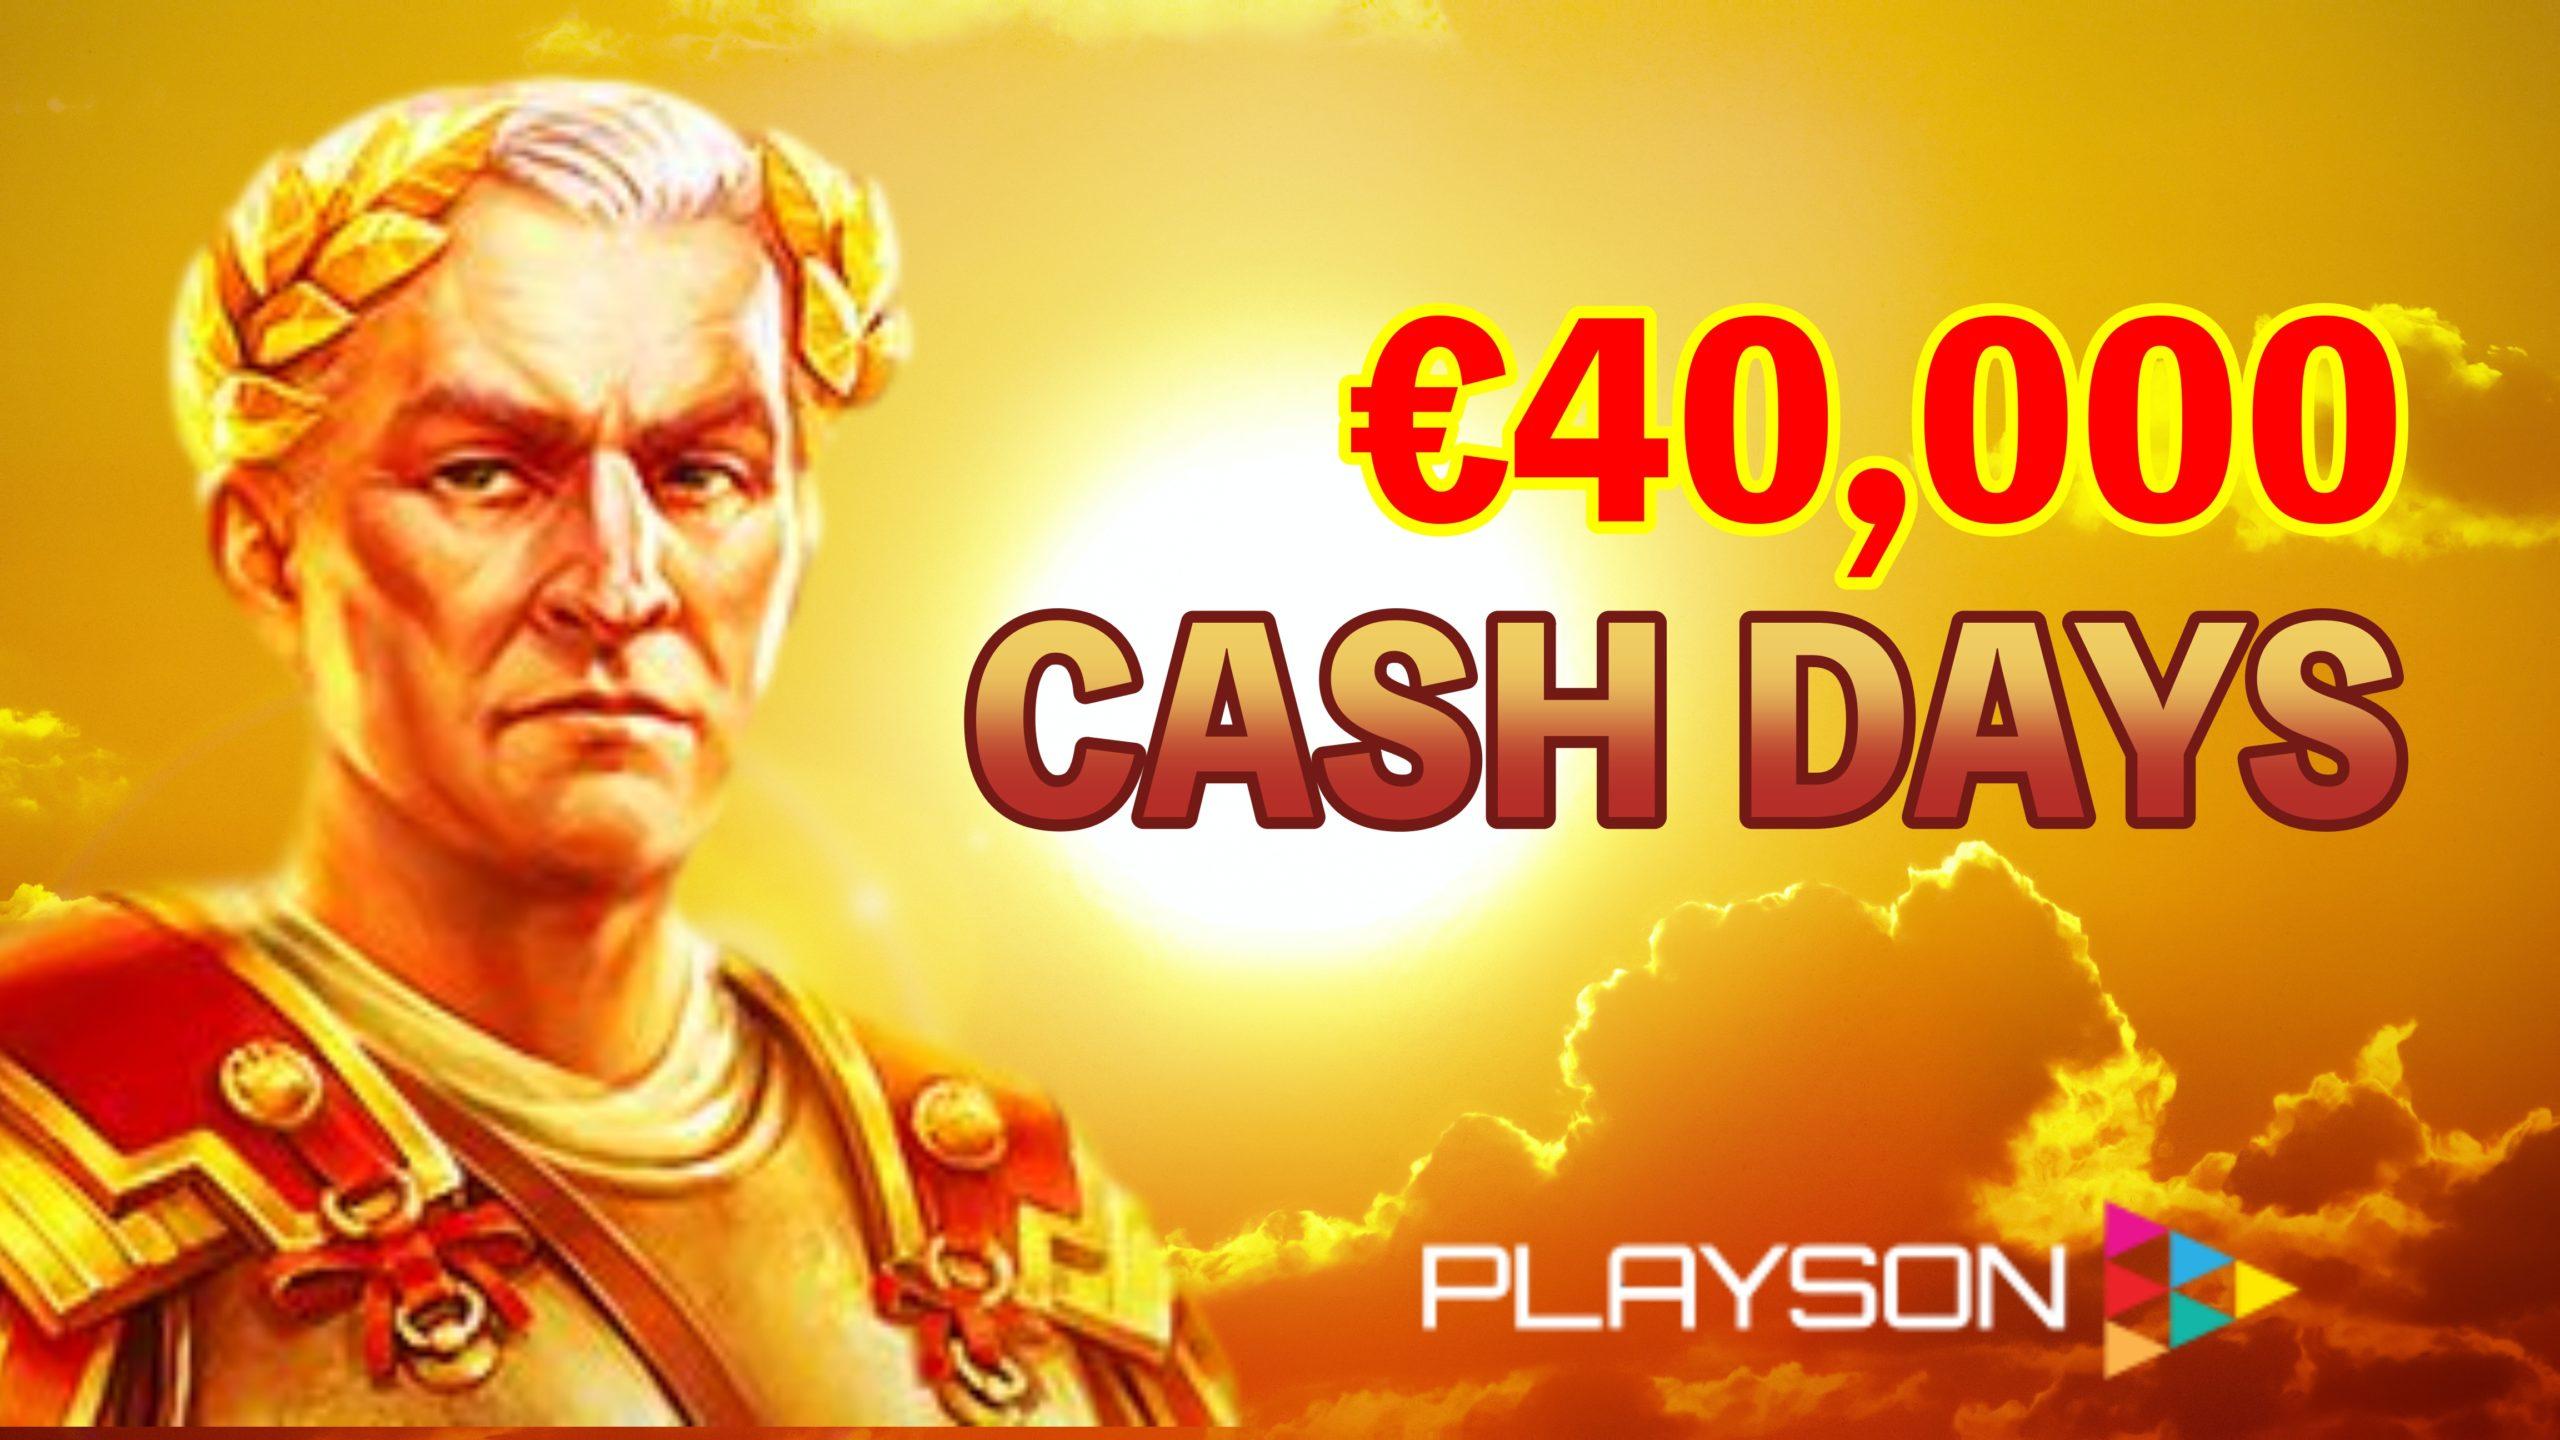 Playson社のキャッシュ・デーが今月も開催|賞金総額€40,000が上位200名までに賞金進呈!